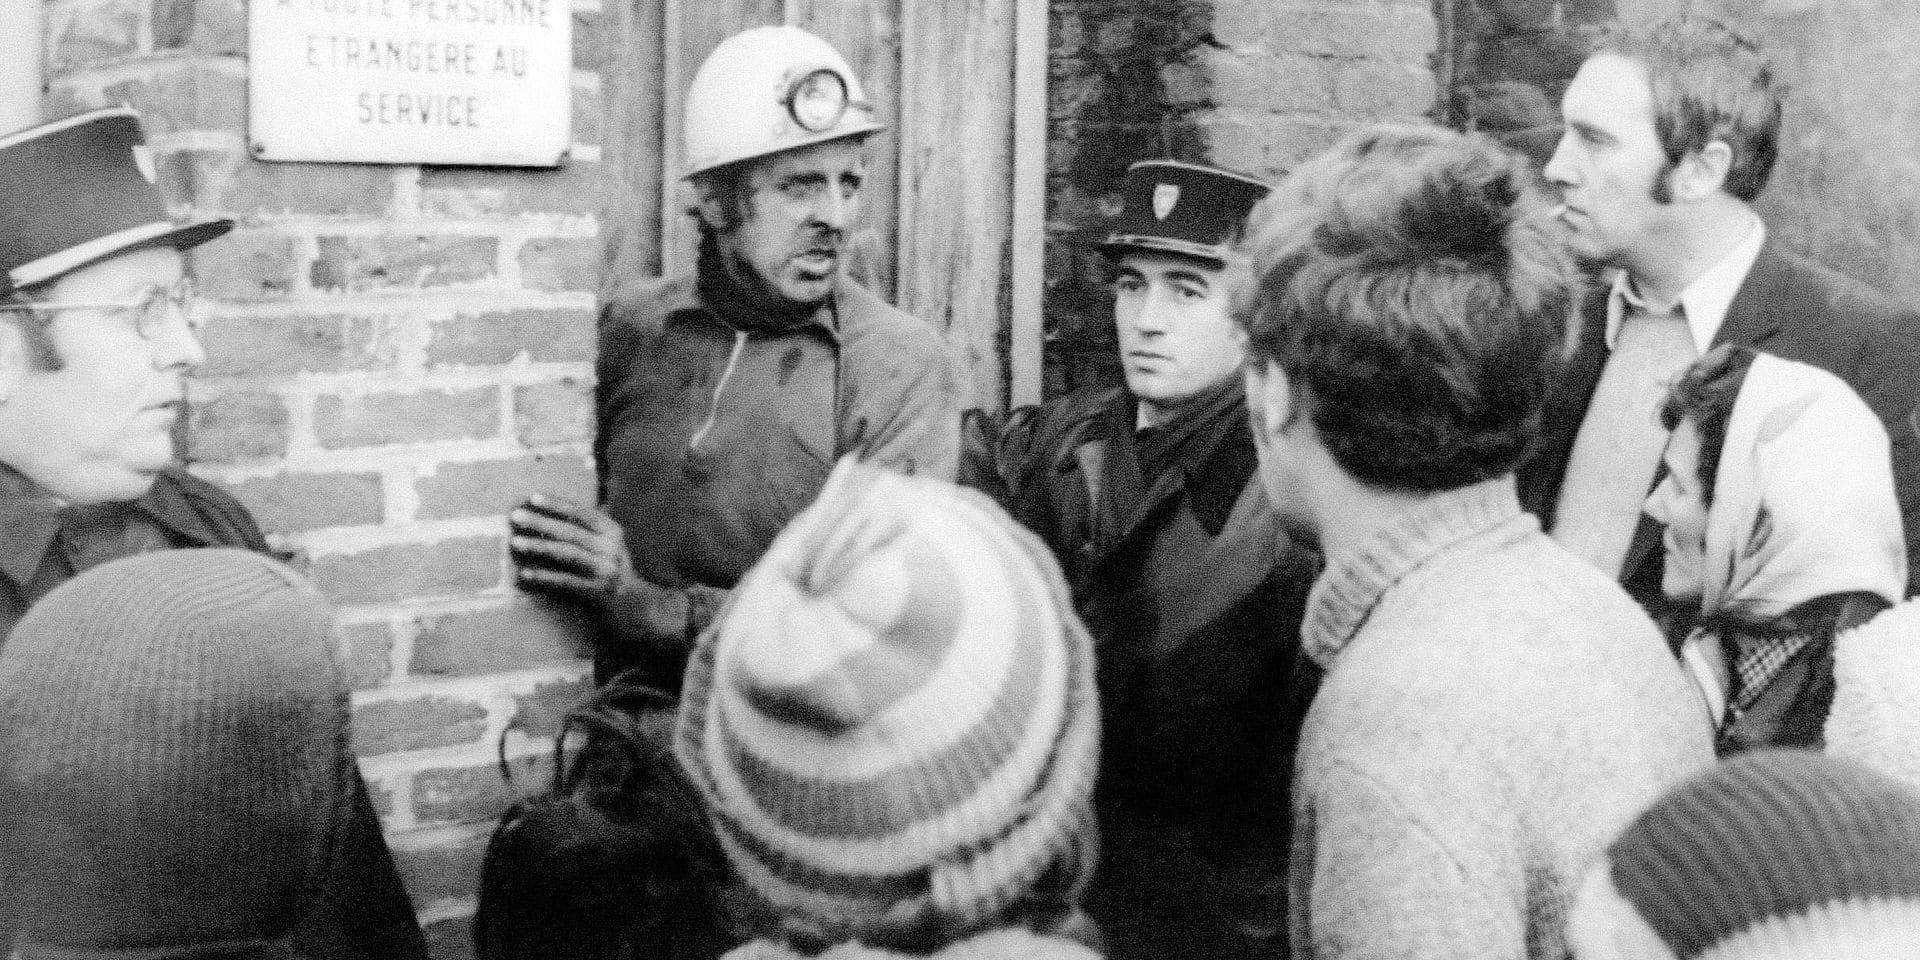 Photo prise le 27 décembre 1974 devant la mine de Liévin, du mineur Mr Cuvelette (fond, 2eG), chef d'exploitation de la mine, parlant aux familles, après le coup de grisou survenu dans la fosse Saint-Amé. La catastrophe, la plus meurtrière de l'histoire de la mine de Liévin a fait 42 morts. AFP PHOTO / AFP PHOTO